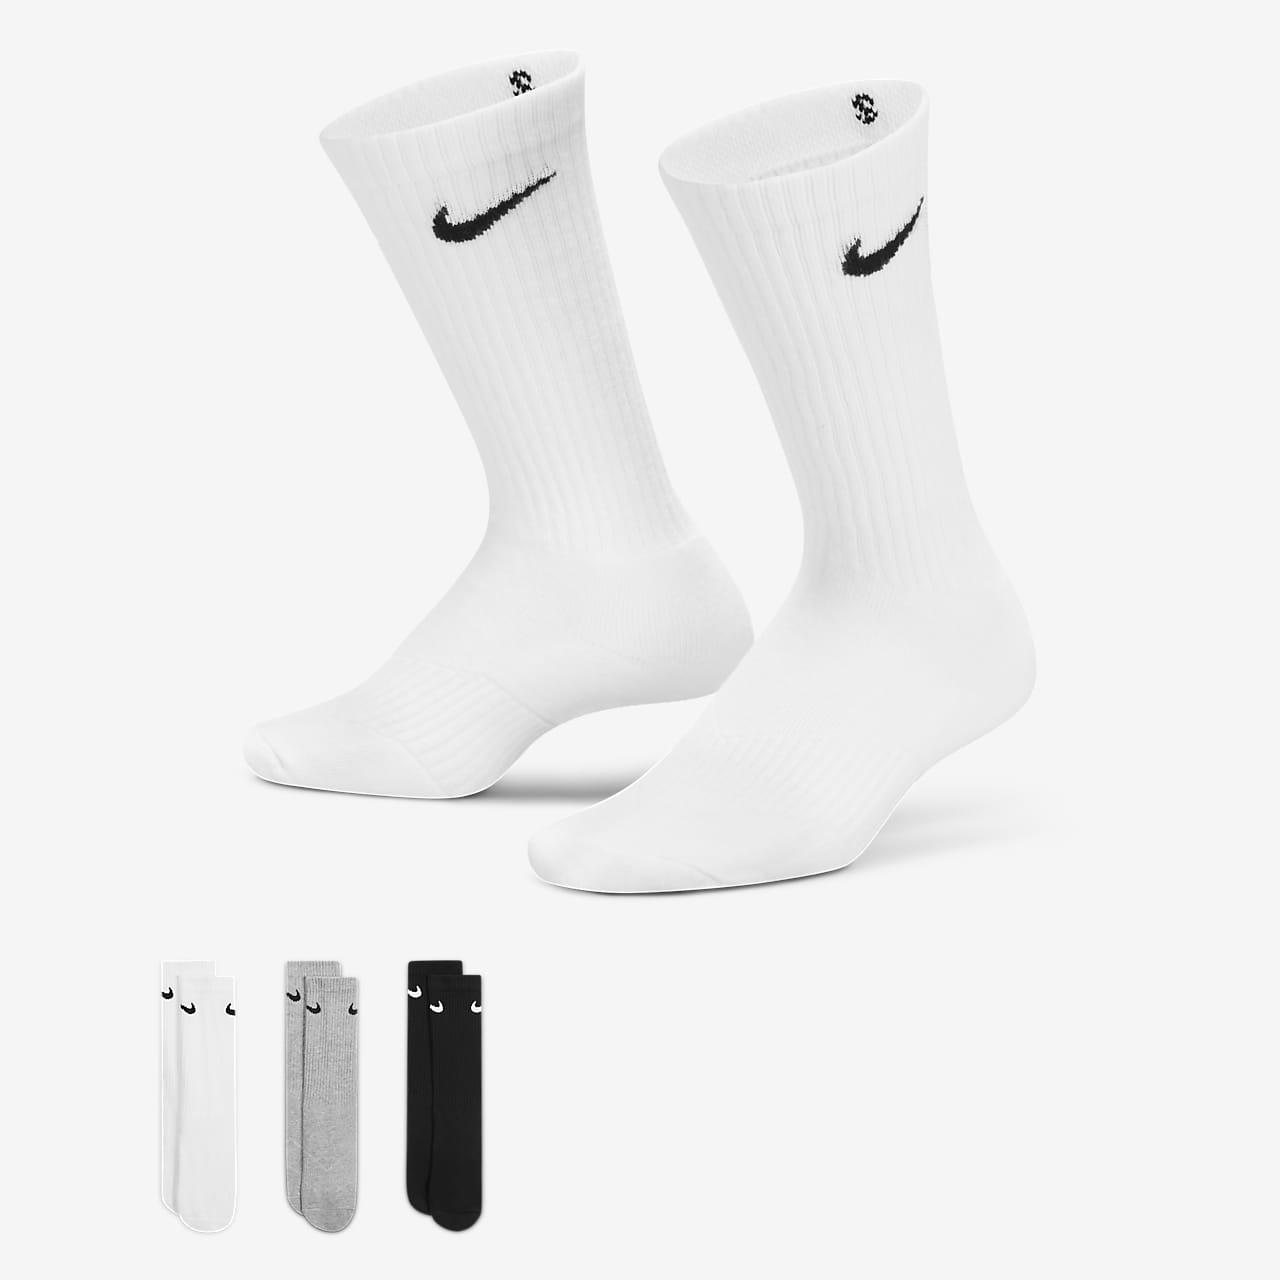 ถุงเท้าเด็กโต Nike Performance Crew (3 คู่)